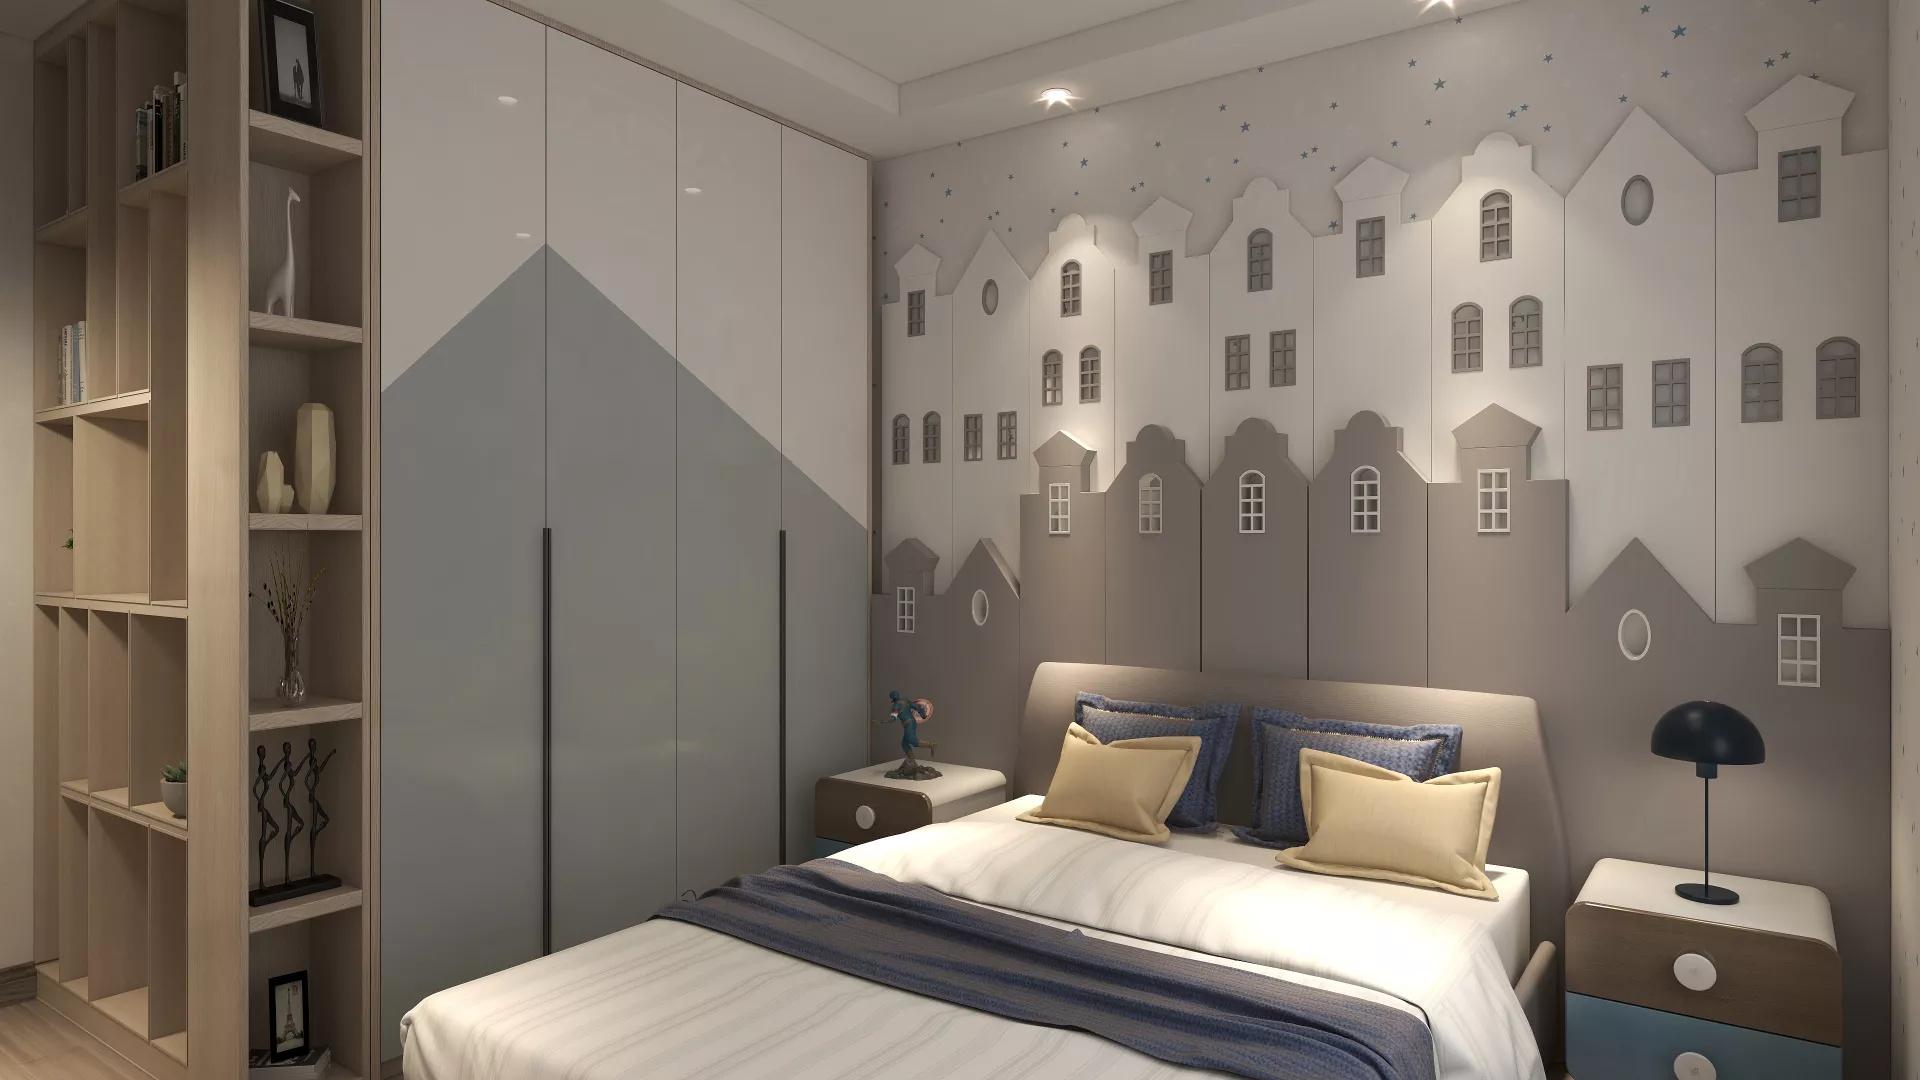 室內門的材質種類有哪些 室內門材質有哪些